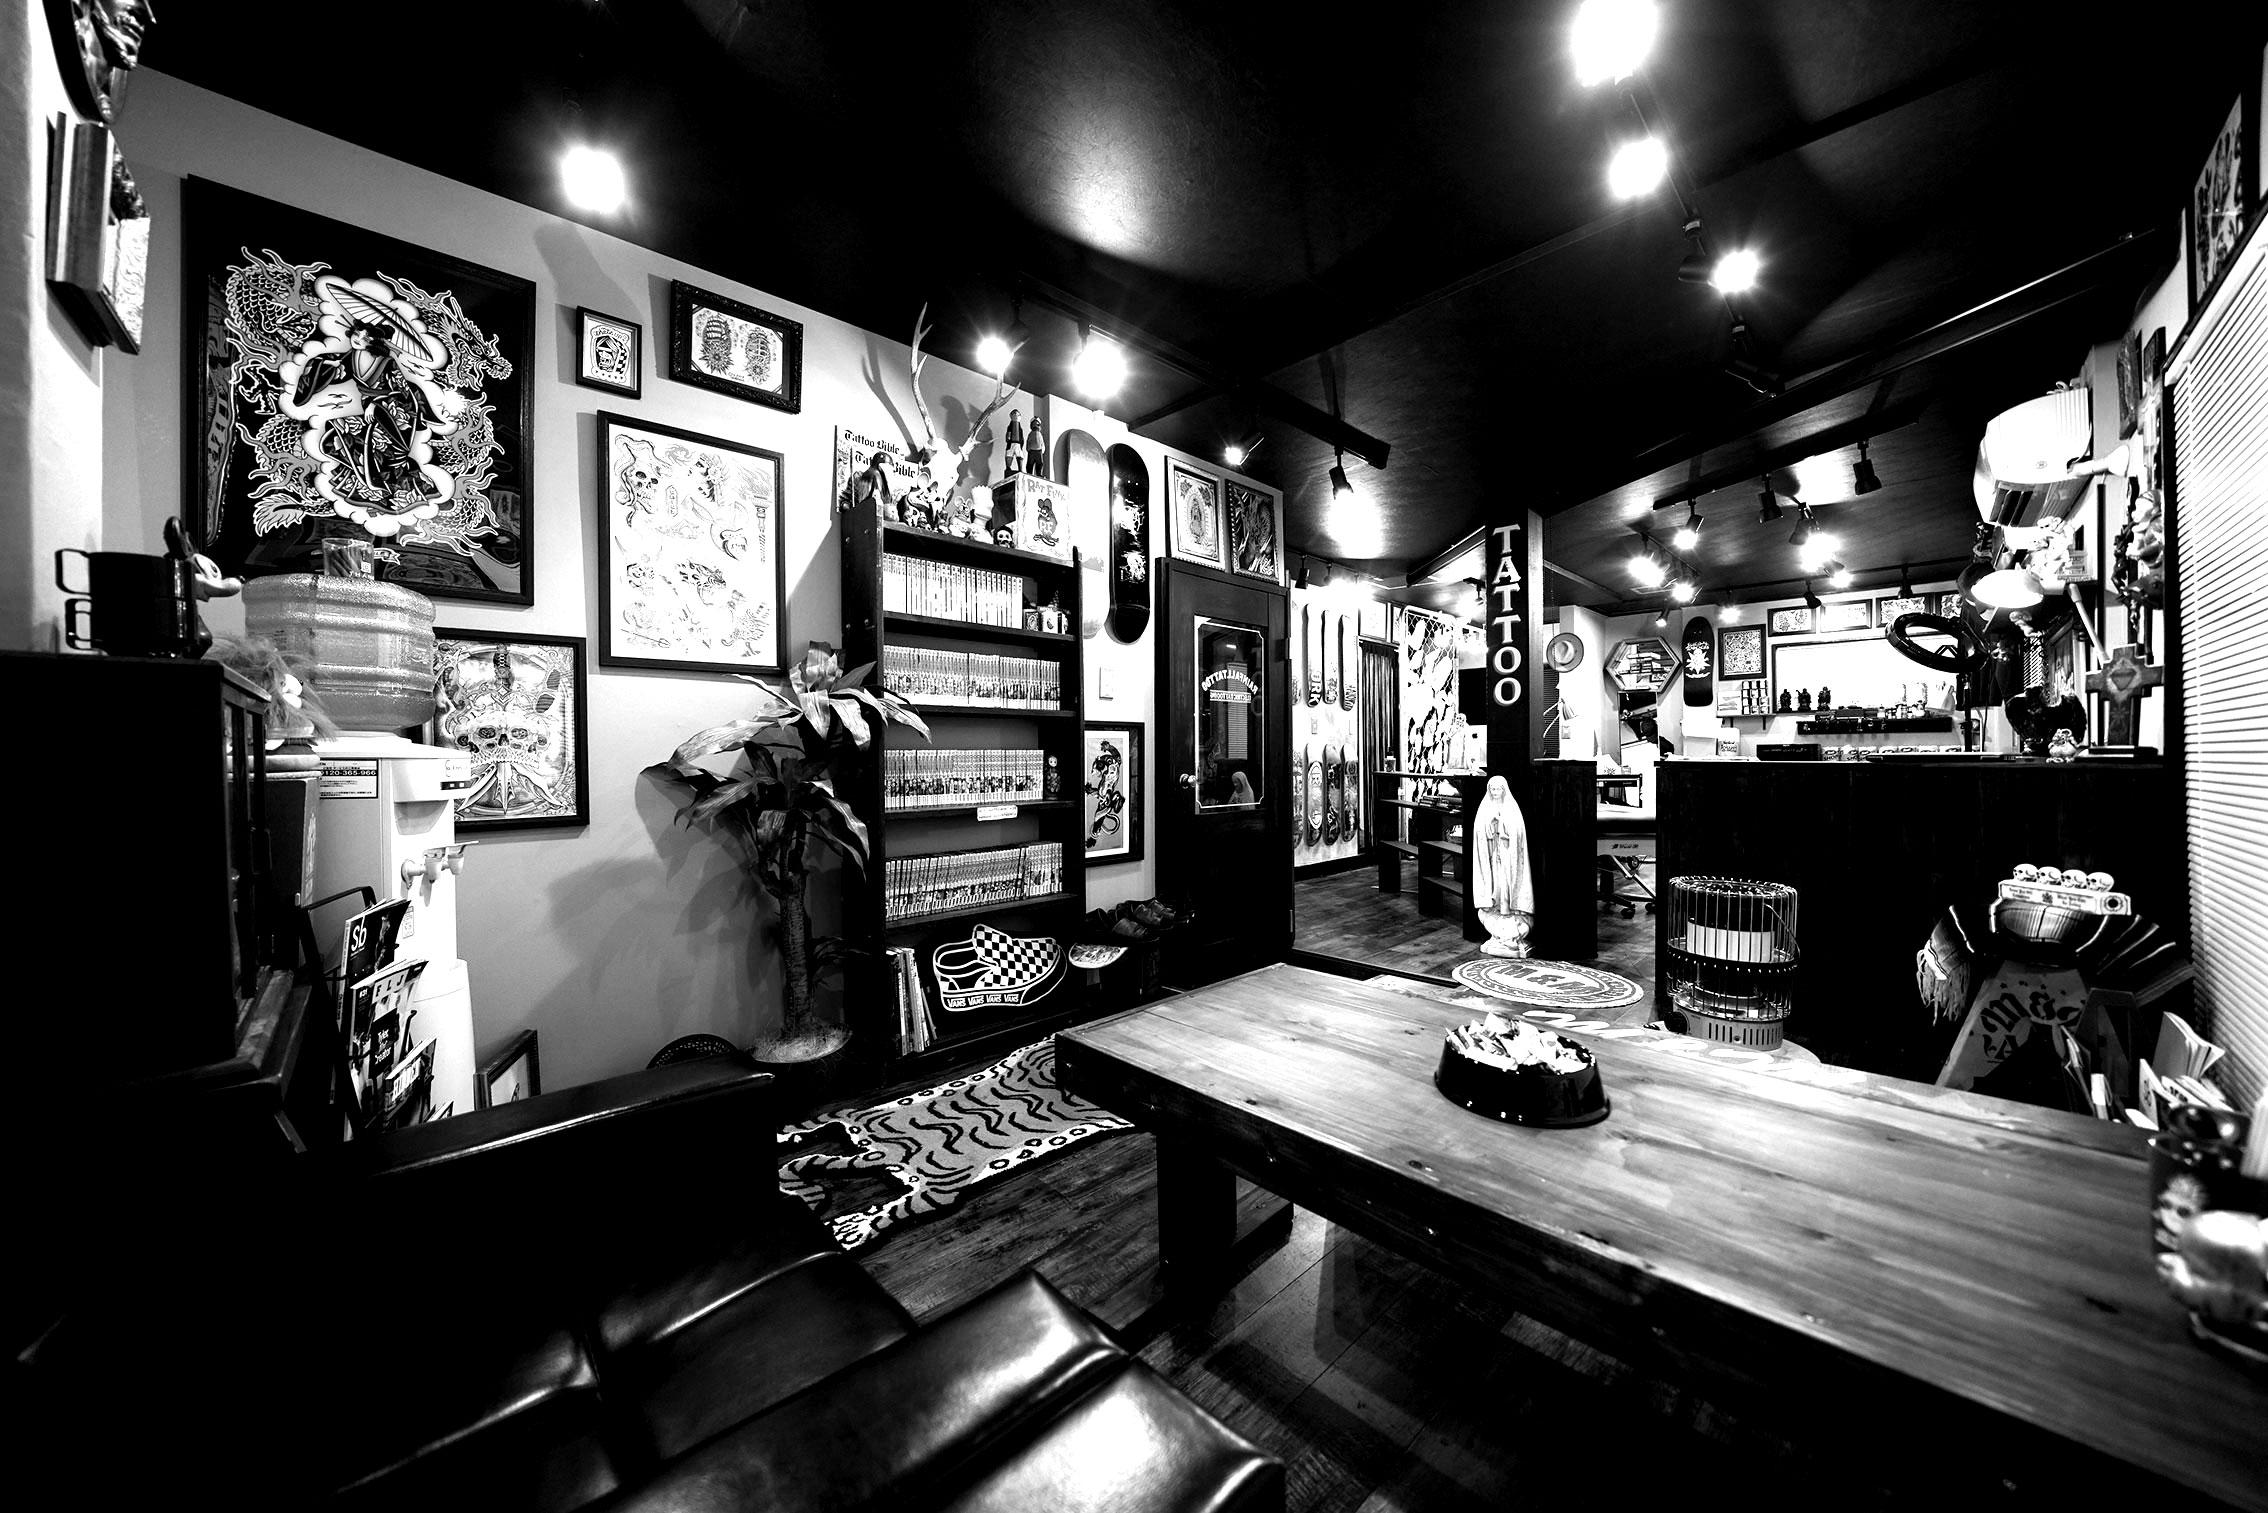 東京のタトゥースタジオ レインフォールタトゥー